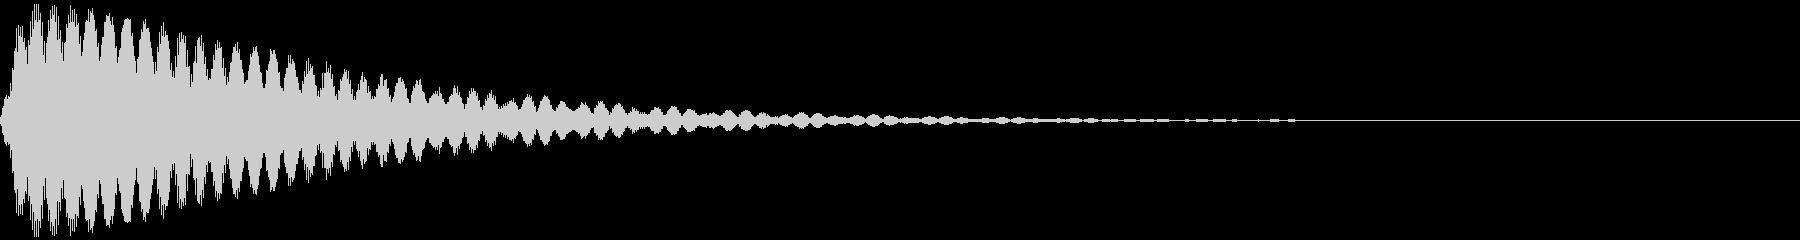 決定、ロゴ、タイトルの未再生の波形